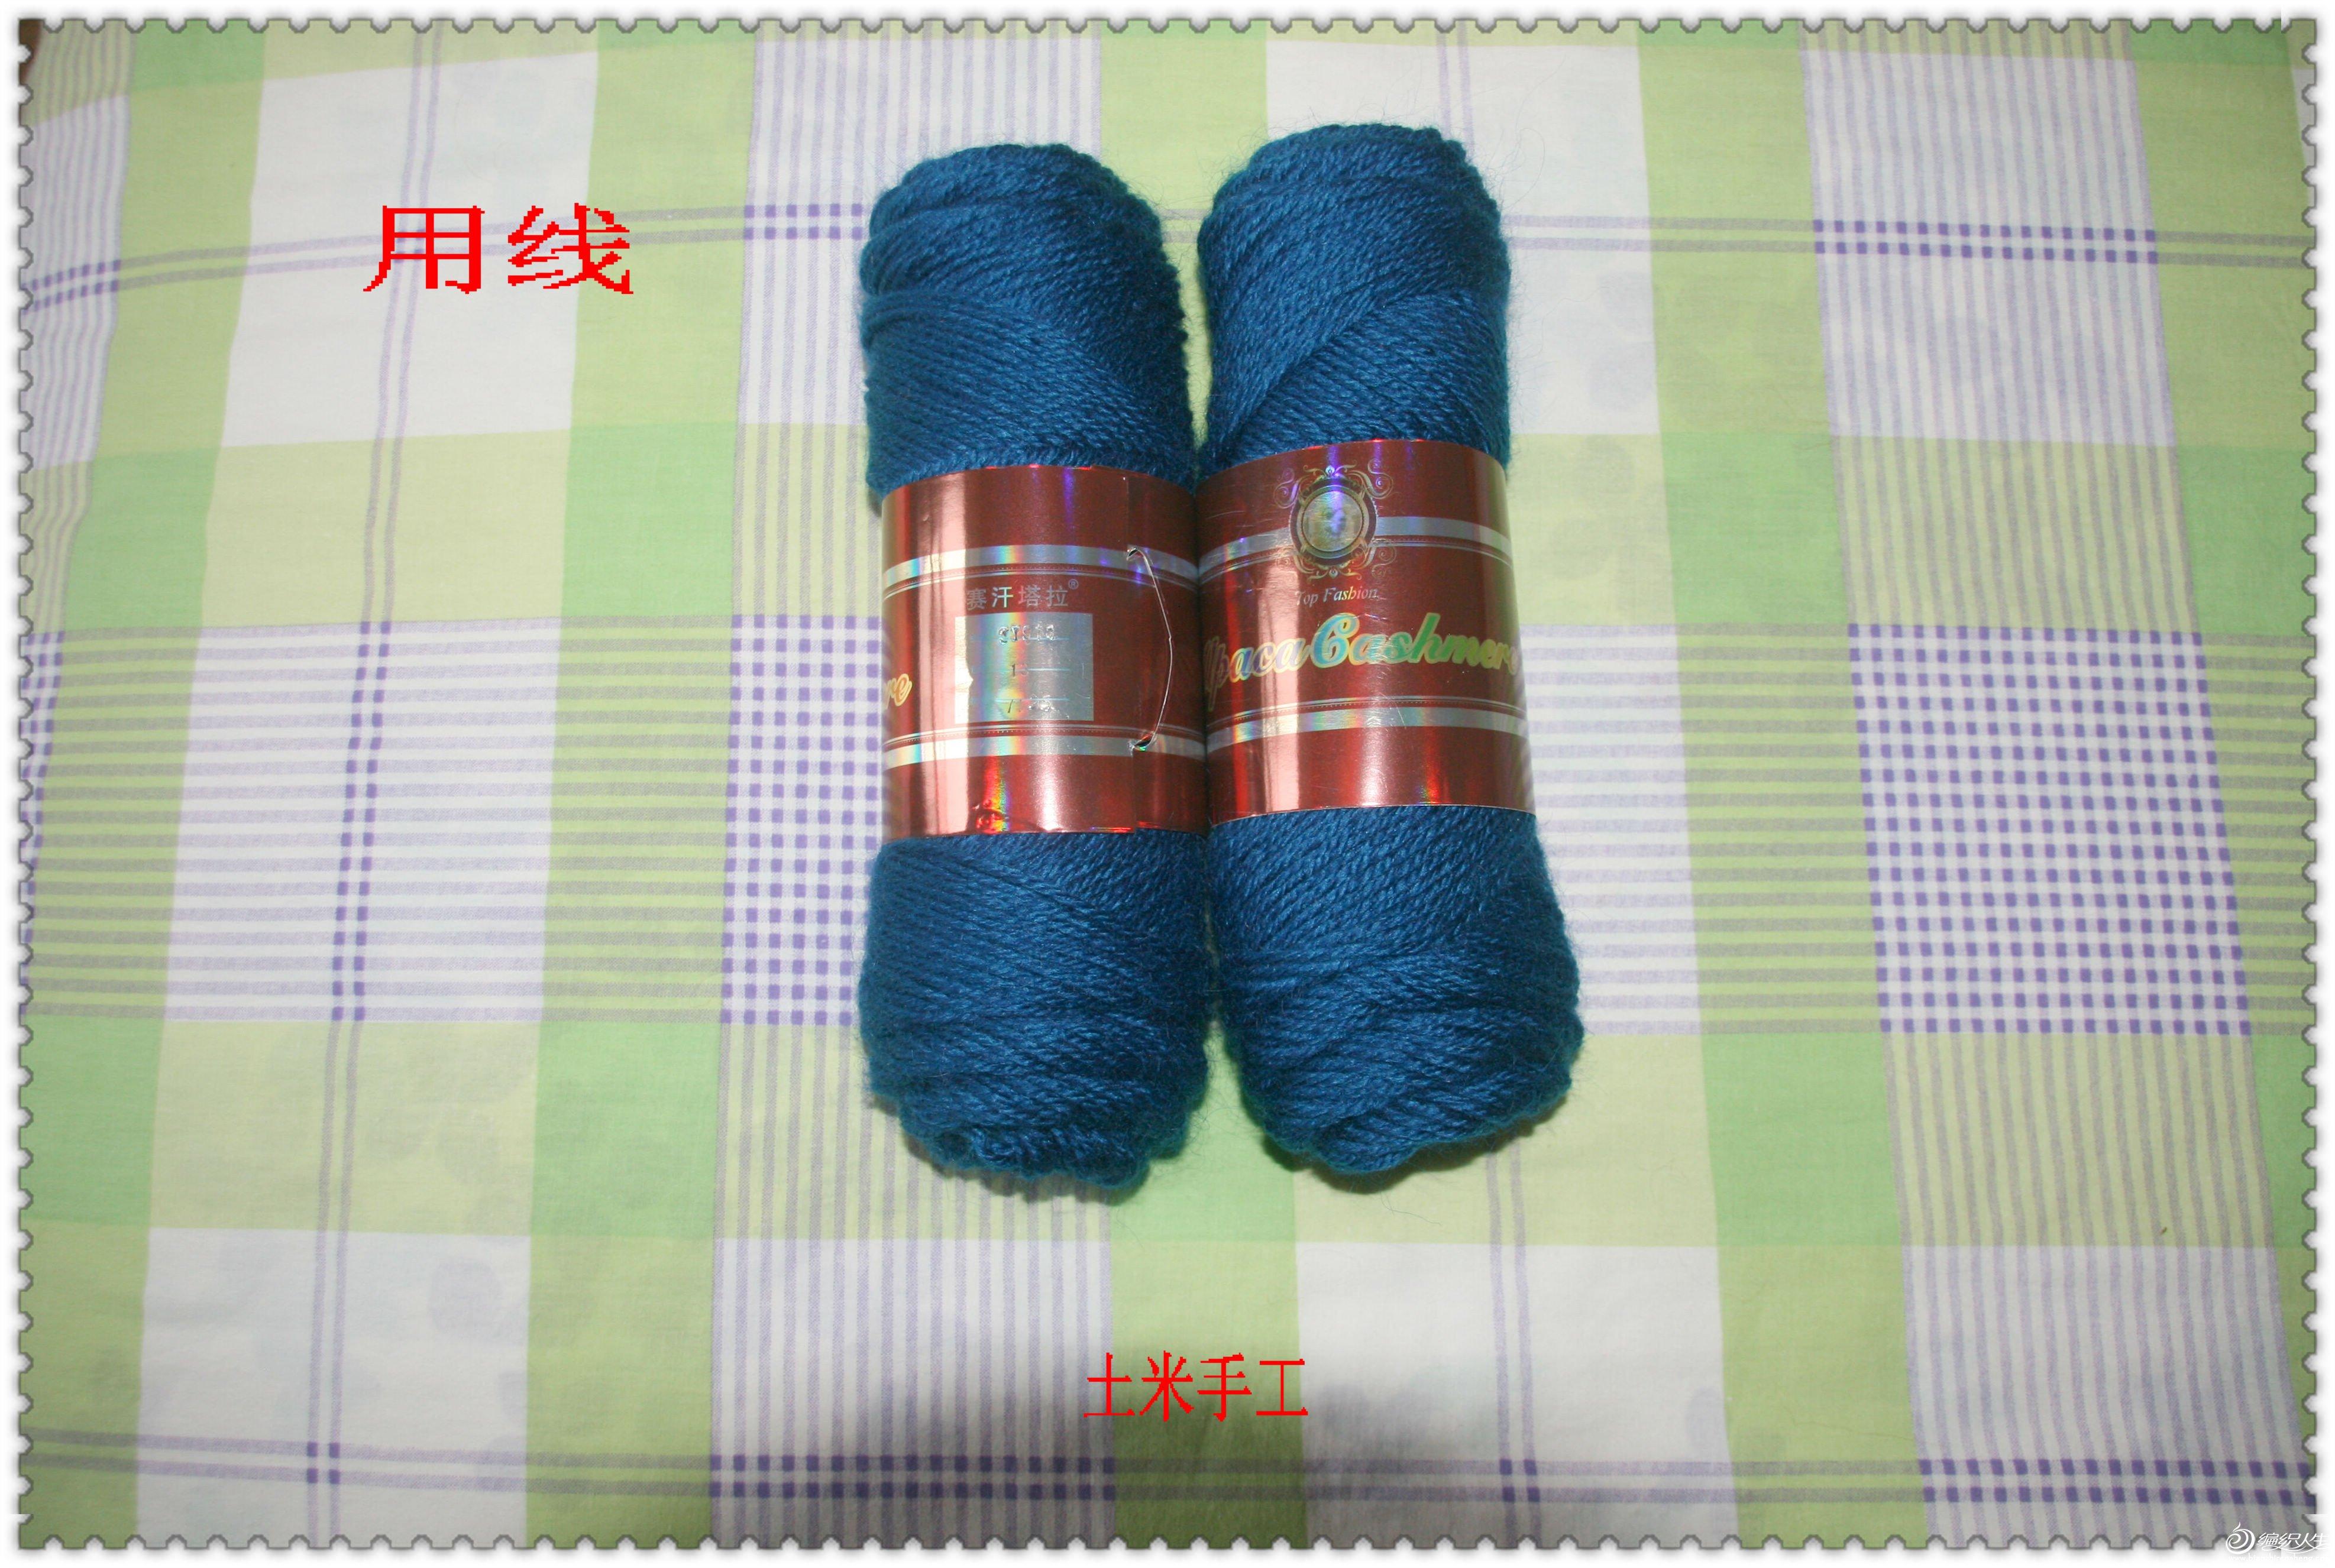 蓝色短袖毛衣 014.jpg